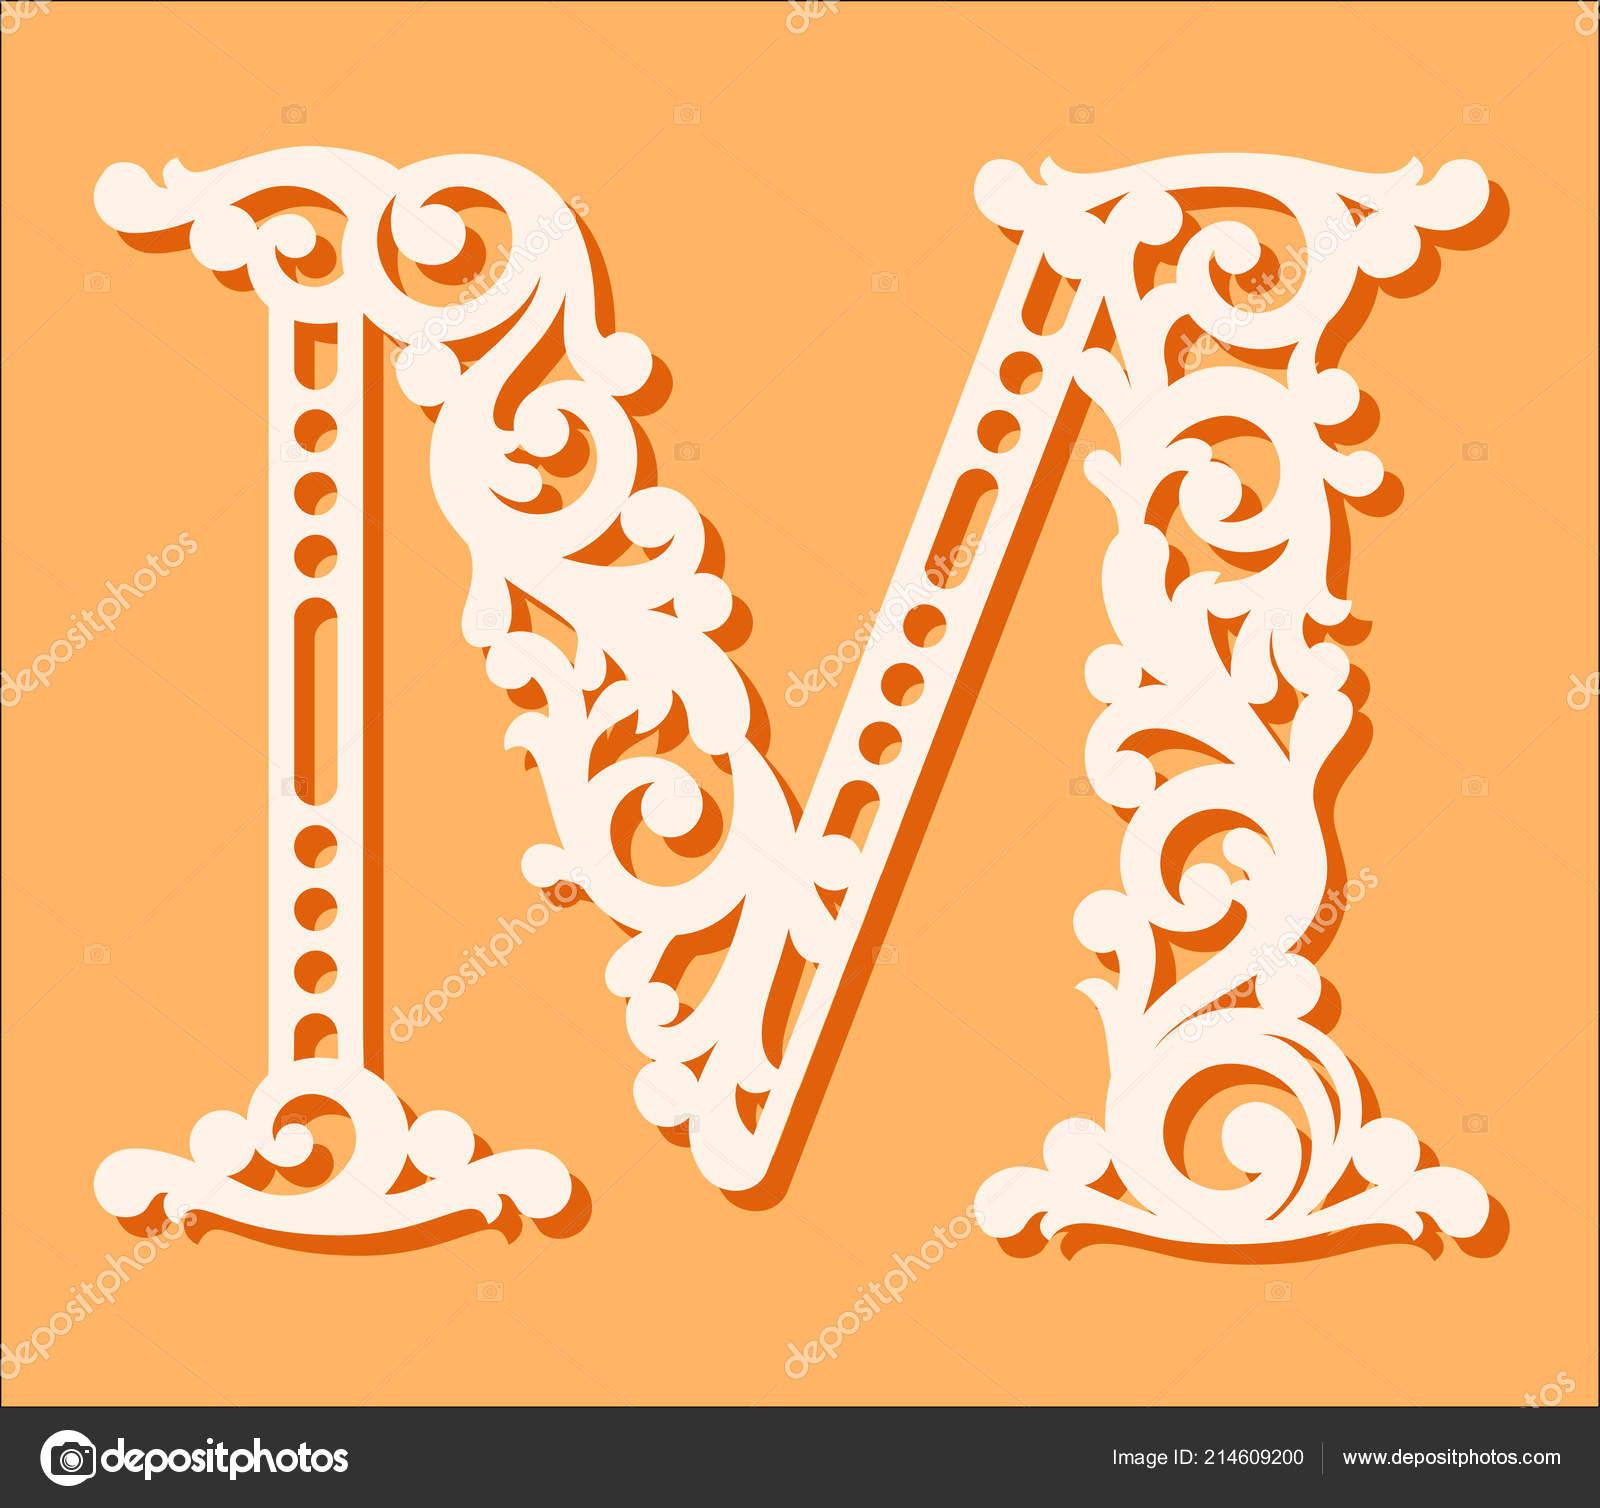 Fancy Monogram Letters | Laser Cut Template Initial Monogram à Modele De Lettre Alphabet